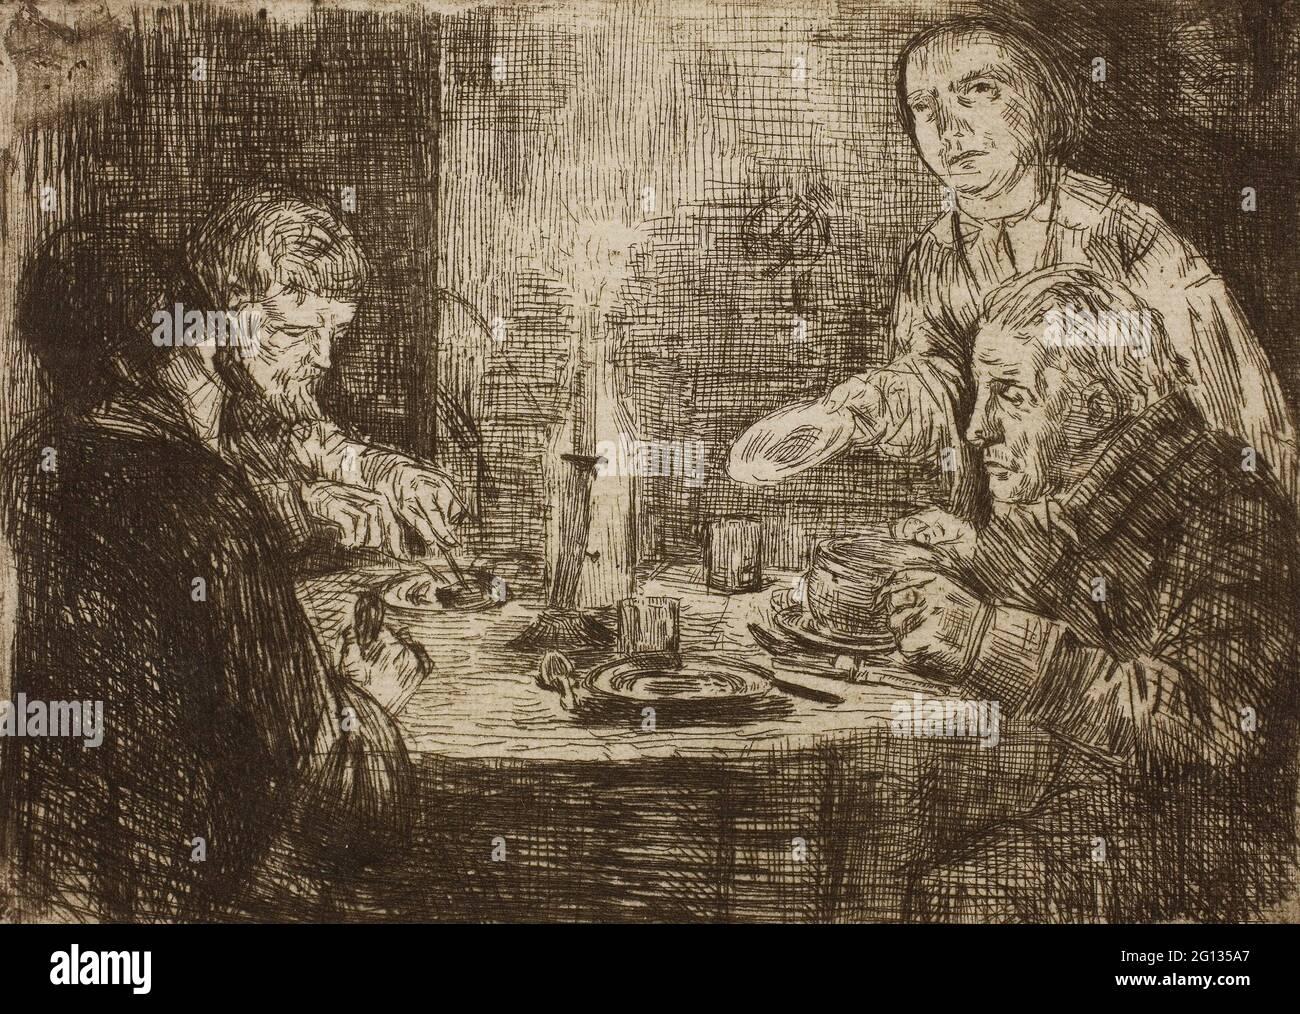 Auteur: Alphonse Legros. La Cène - 1861 - Alphonse Legros French, 1837-1911. Gravure sur papier ivoire. France. Banque D'Images